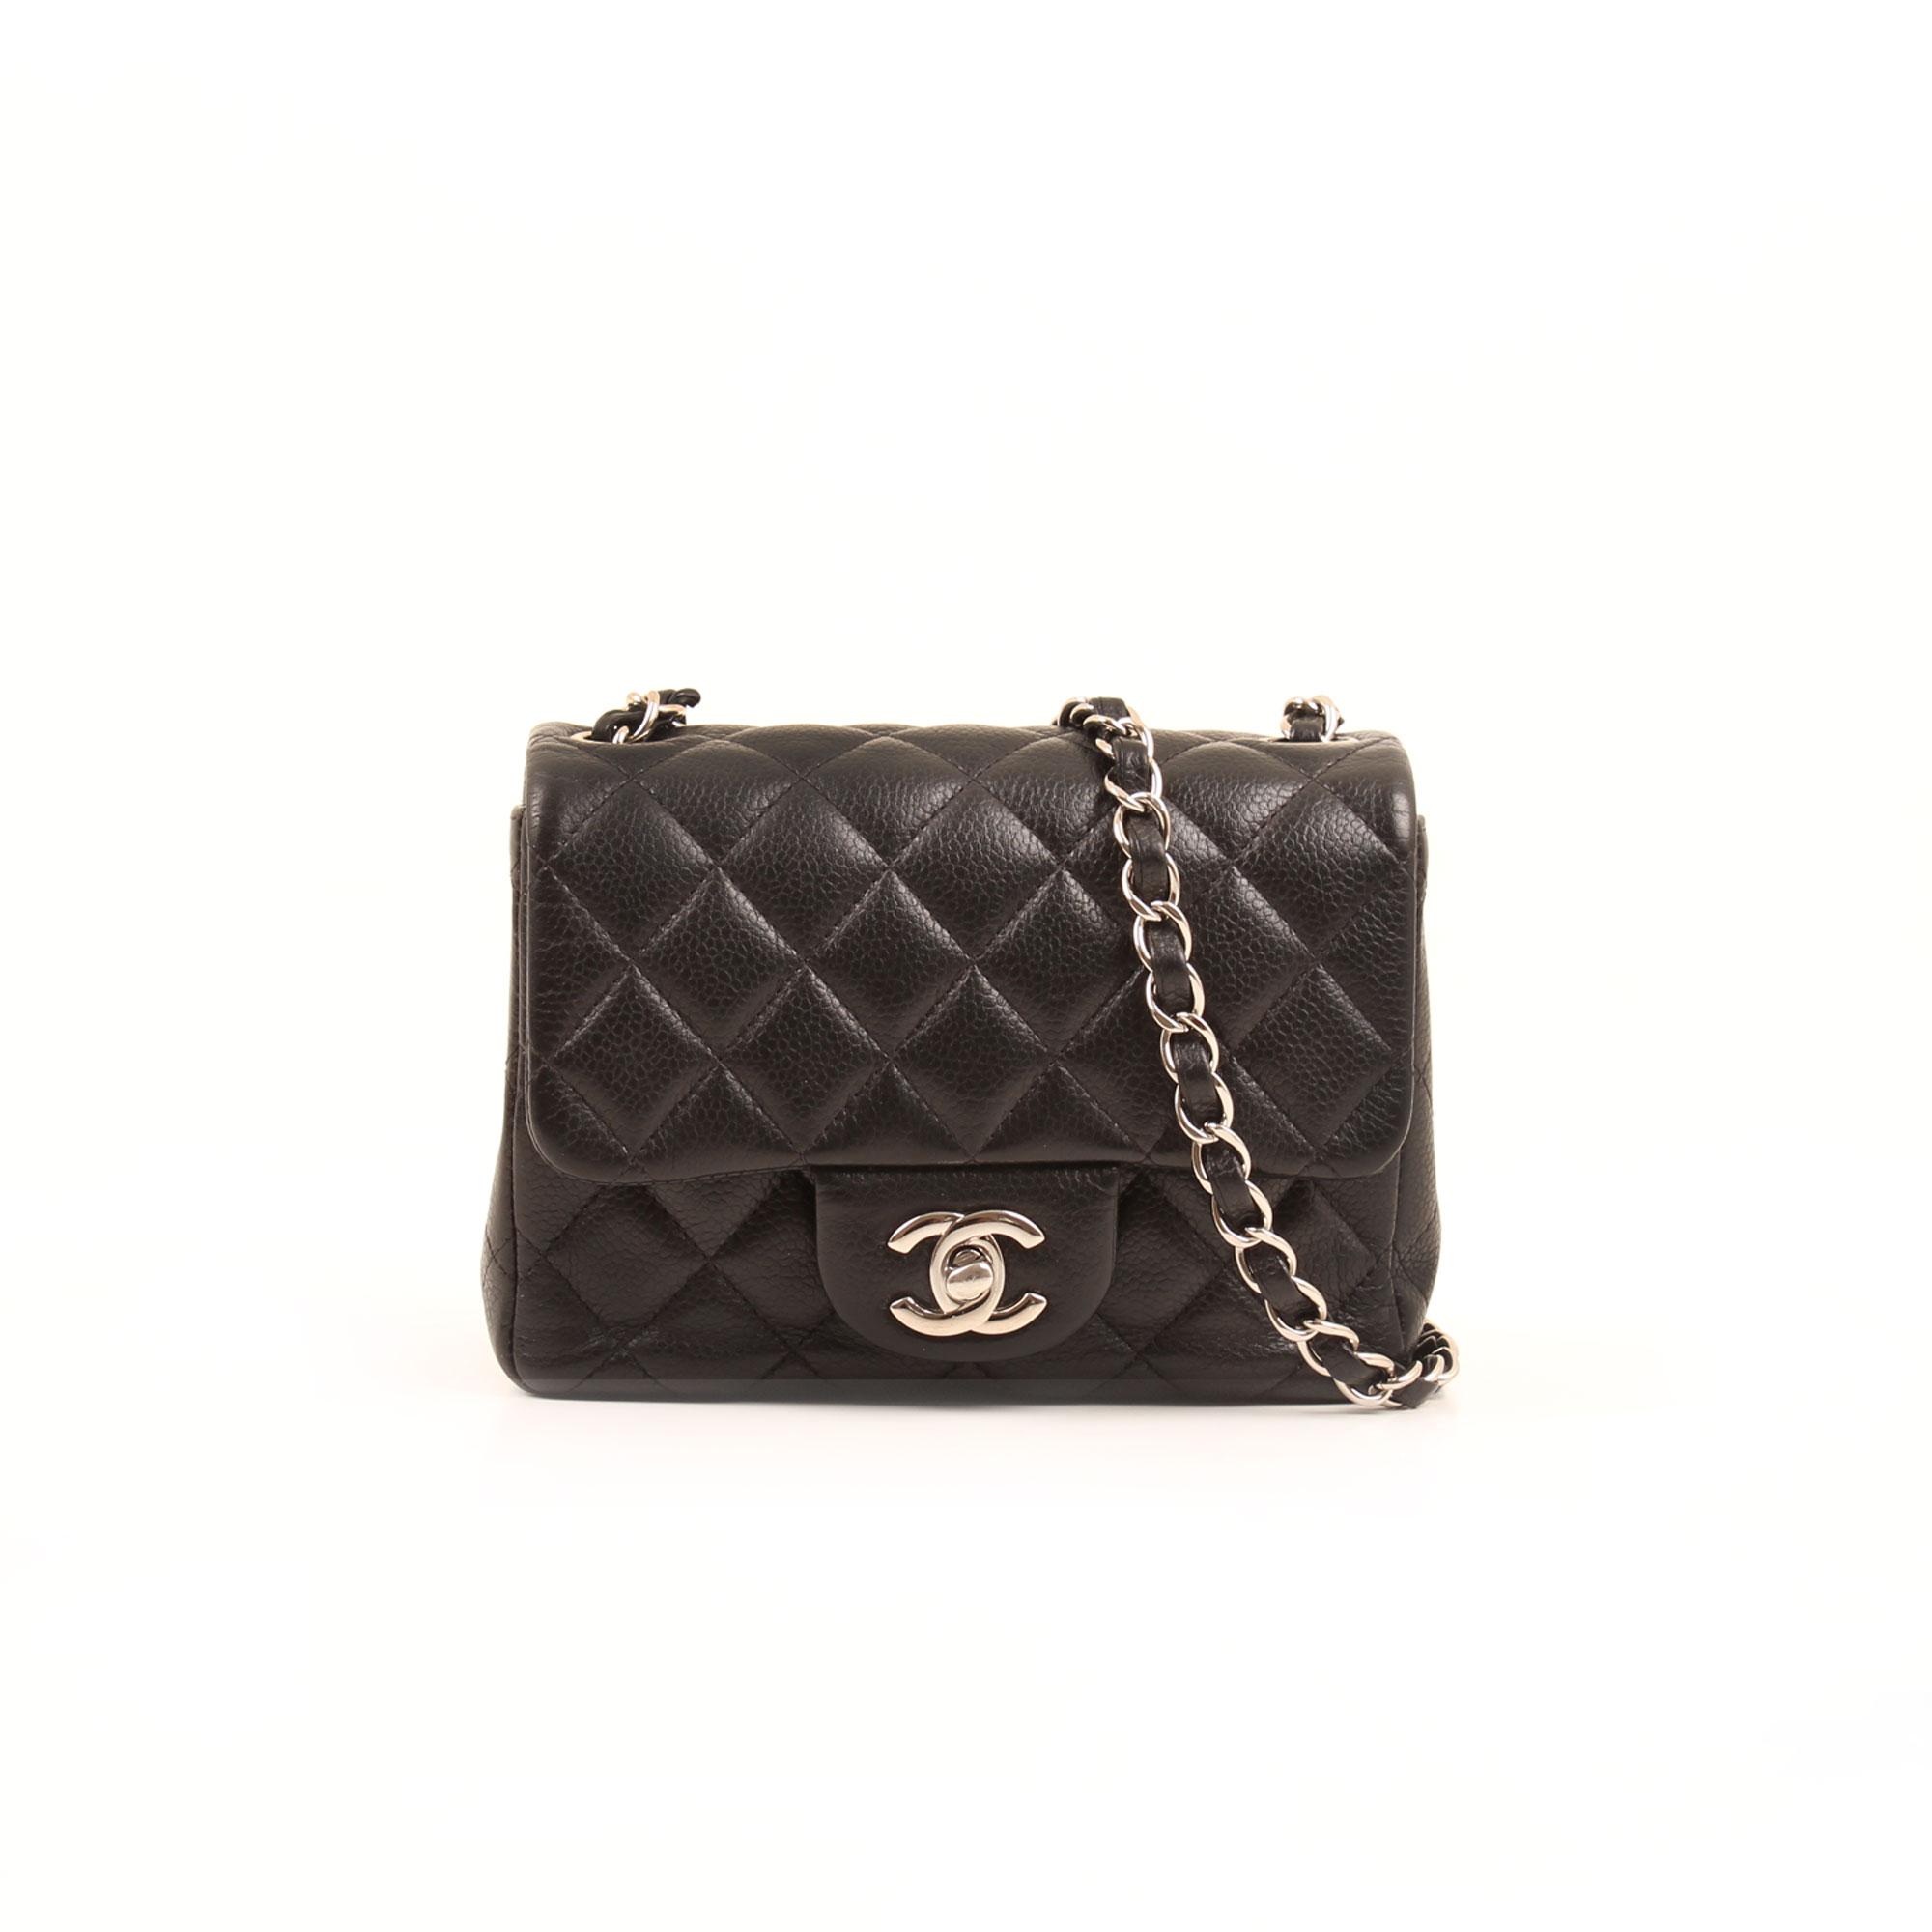 Imagen frontal del bolso chanel mini timeless negro caviar